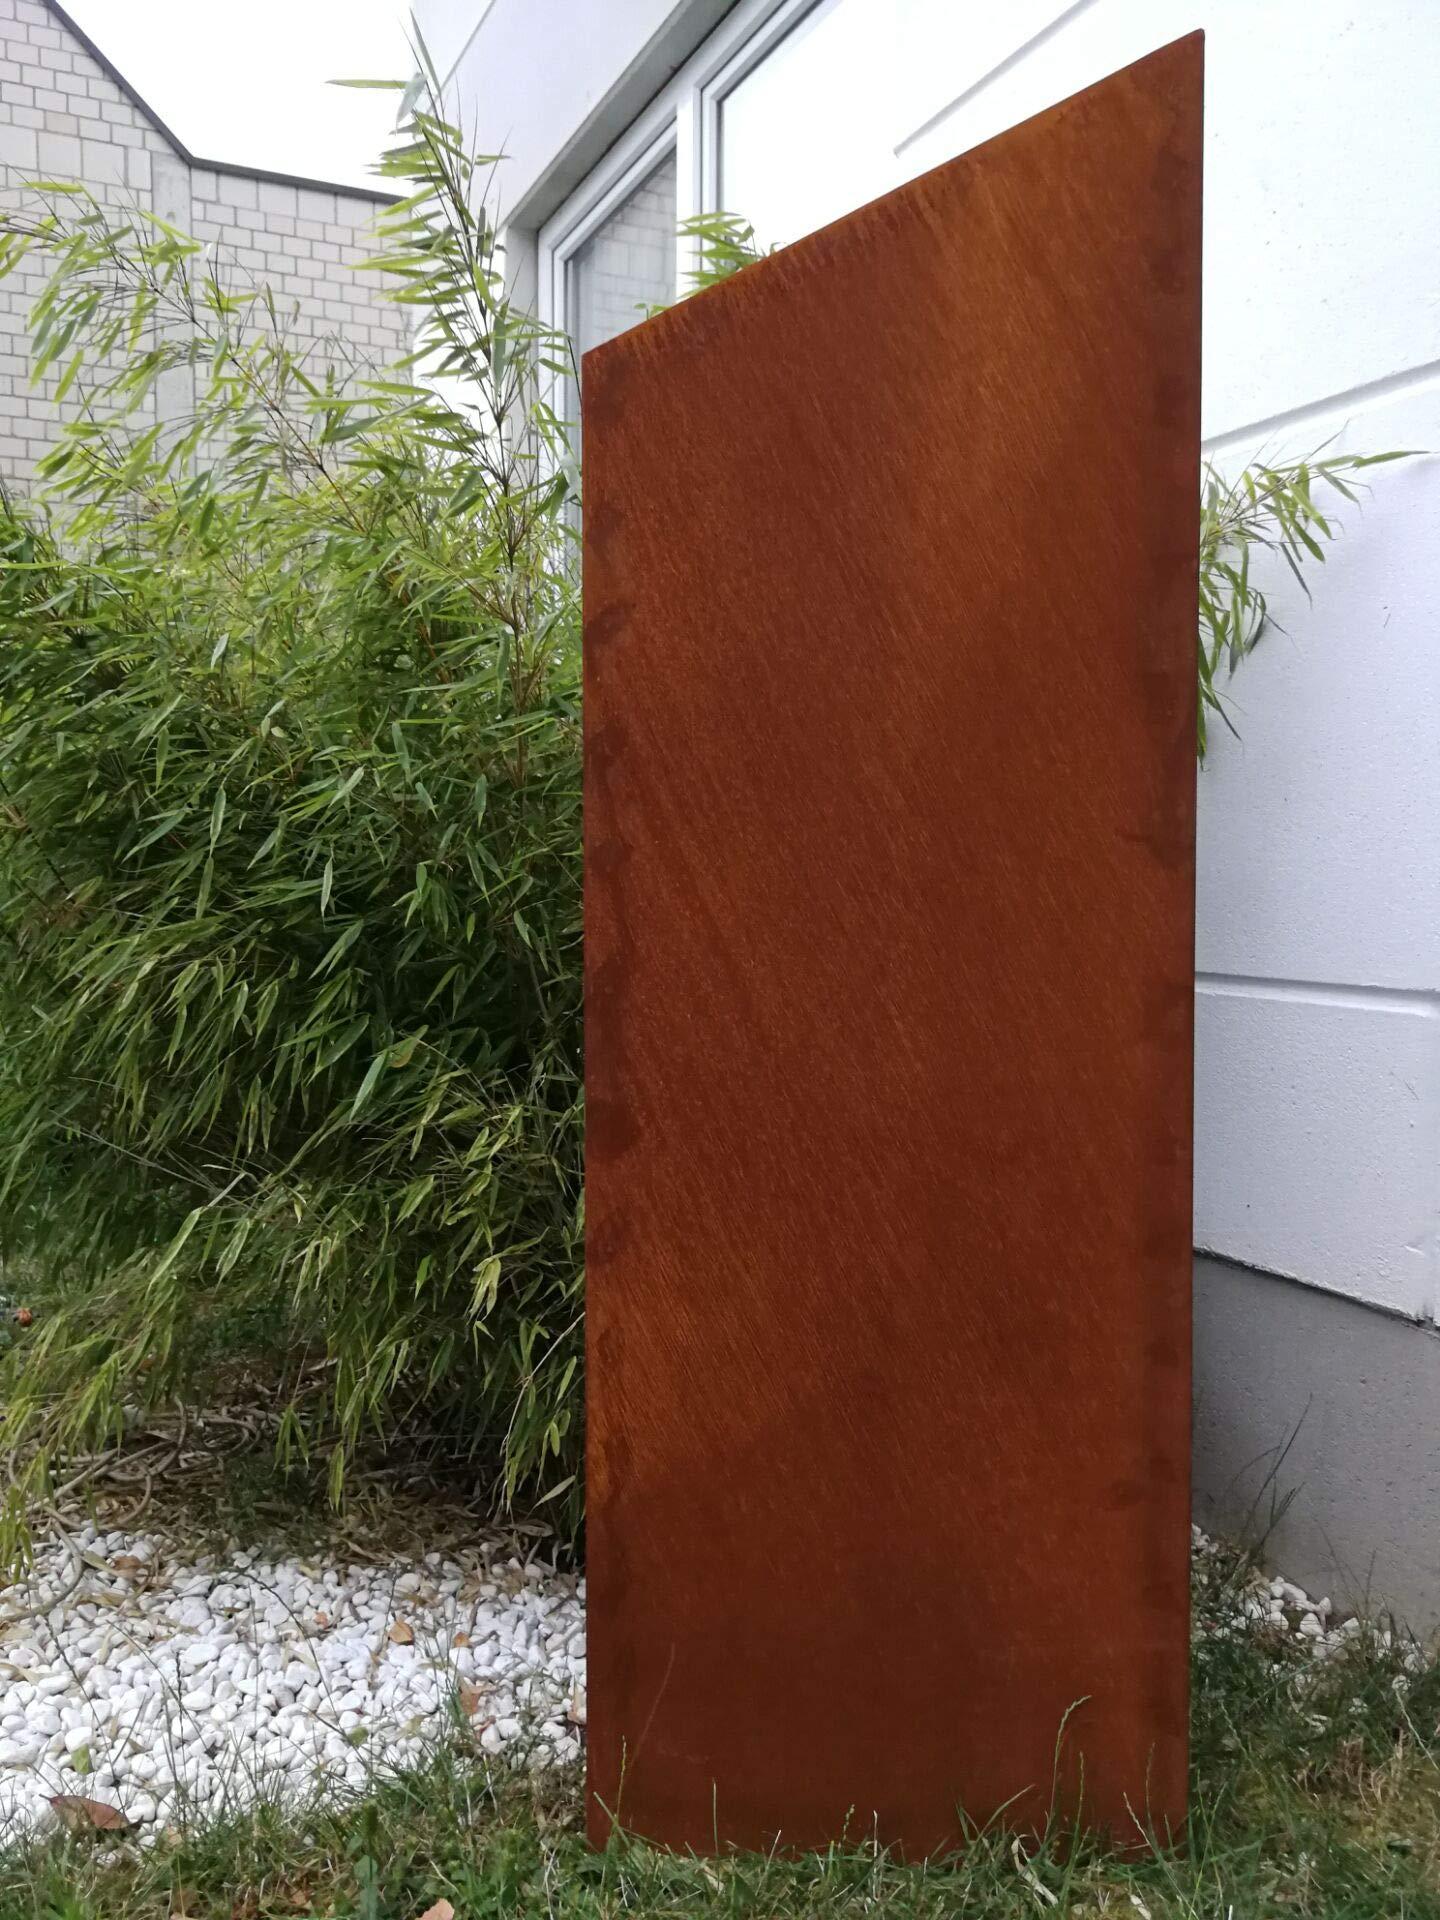 Zen Man 031997-1 - Valla de jardín de Metal Oxidado, 1 mm, Rejilla de jardín, decoración de jardín, Aspecto Oxidado, protección Visual, 150/125 x 50 cm: Amazon.es: Jardín